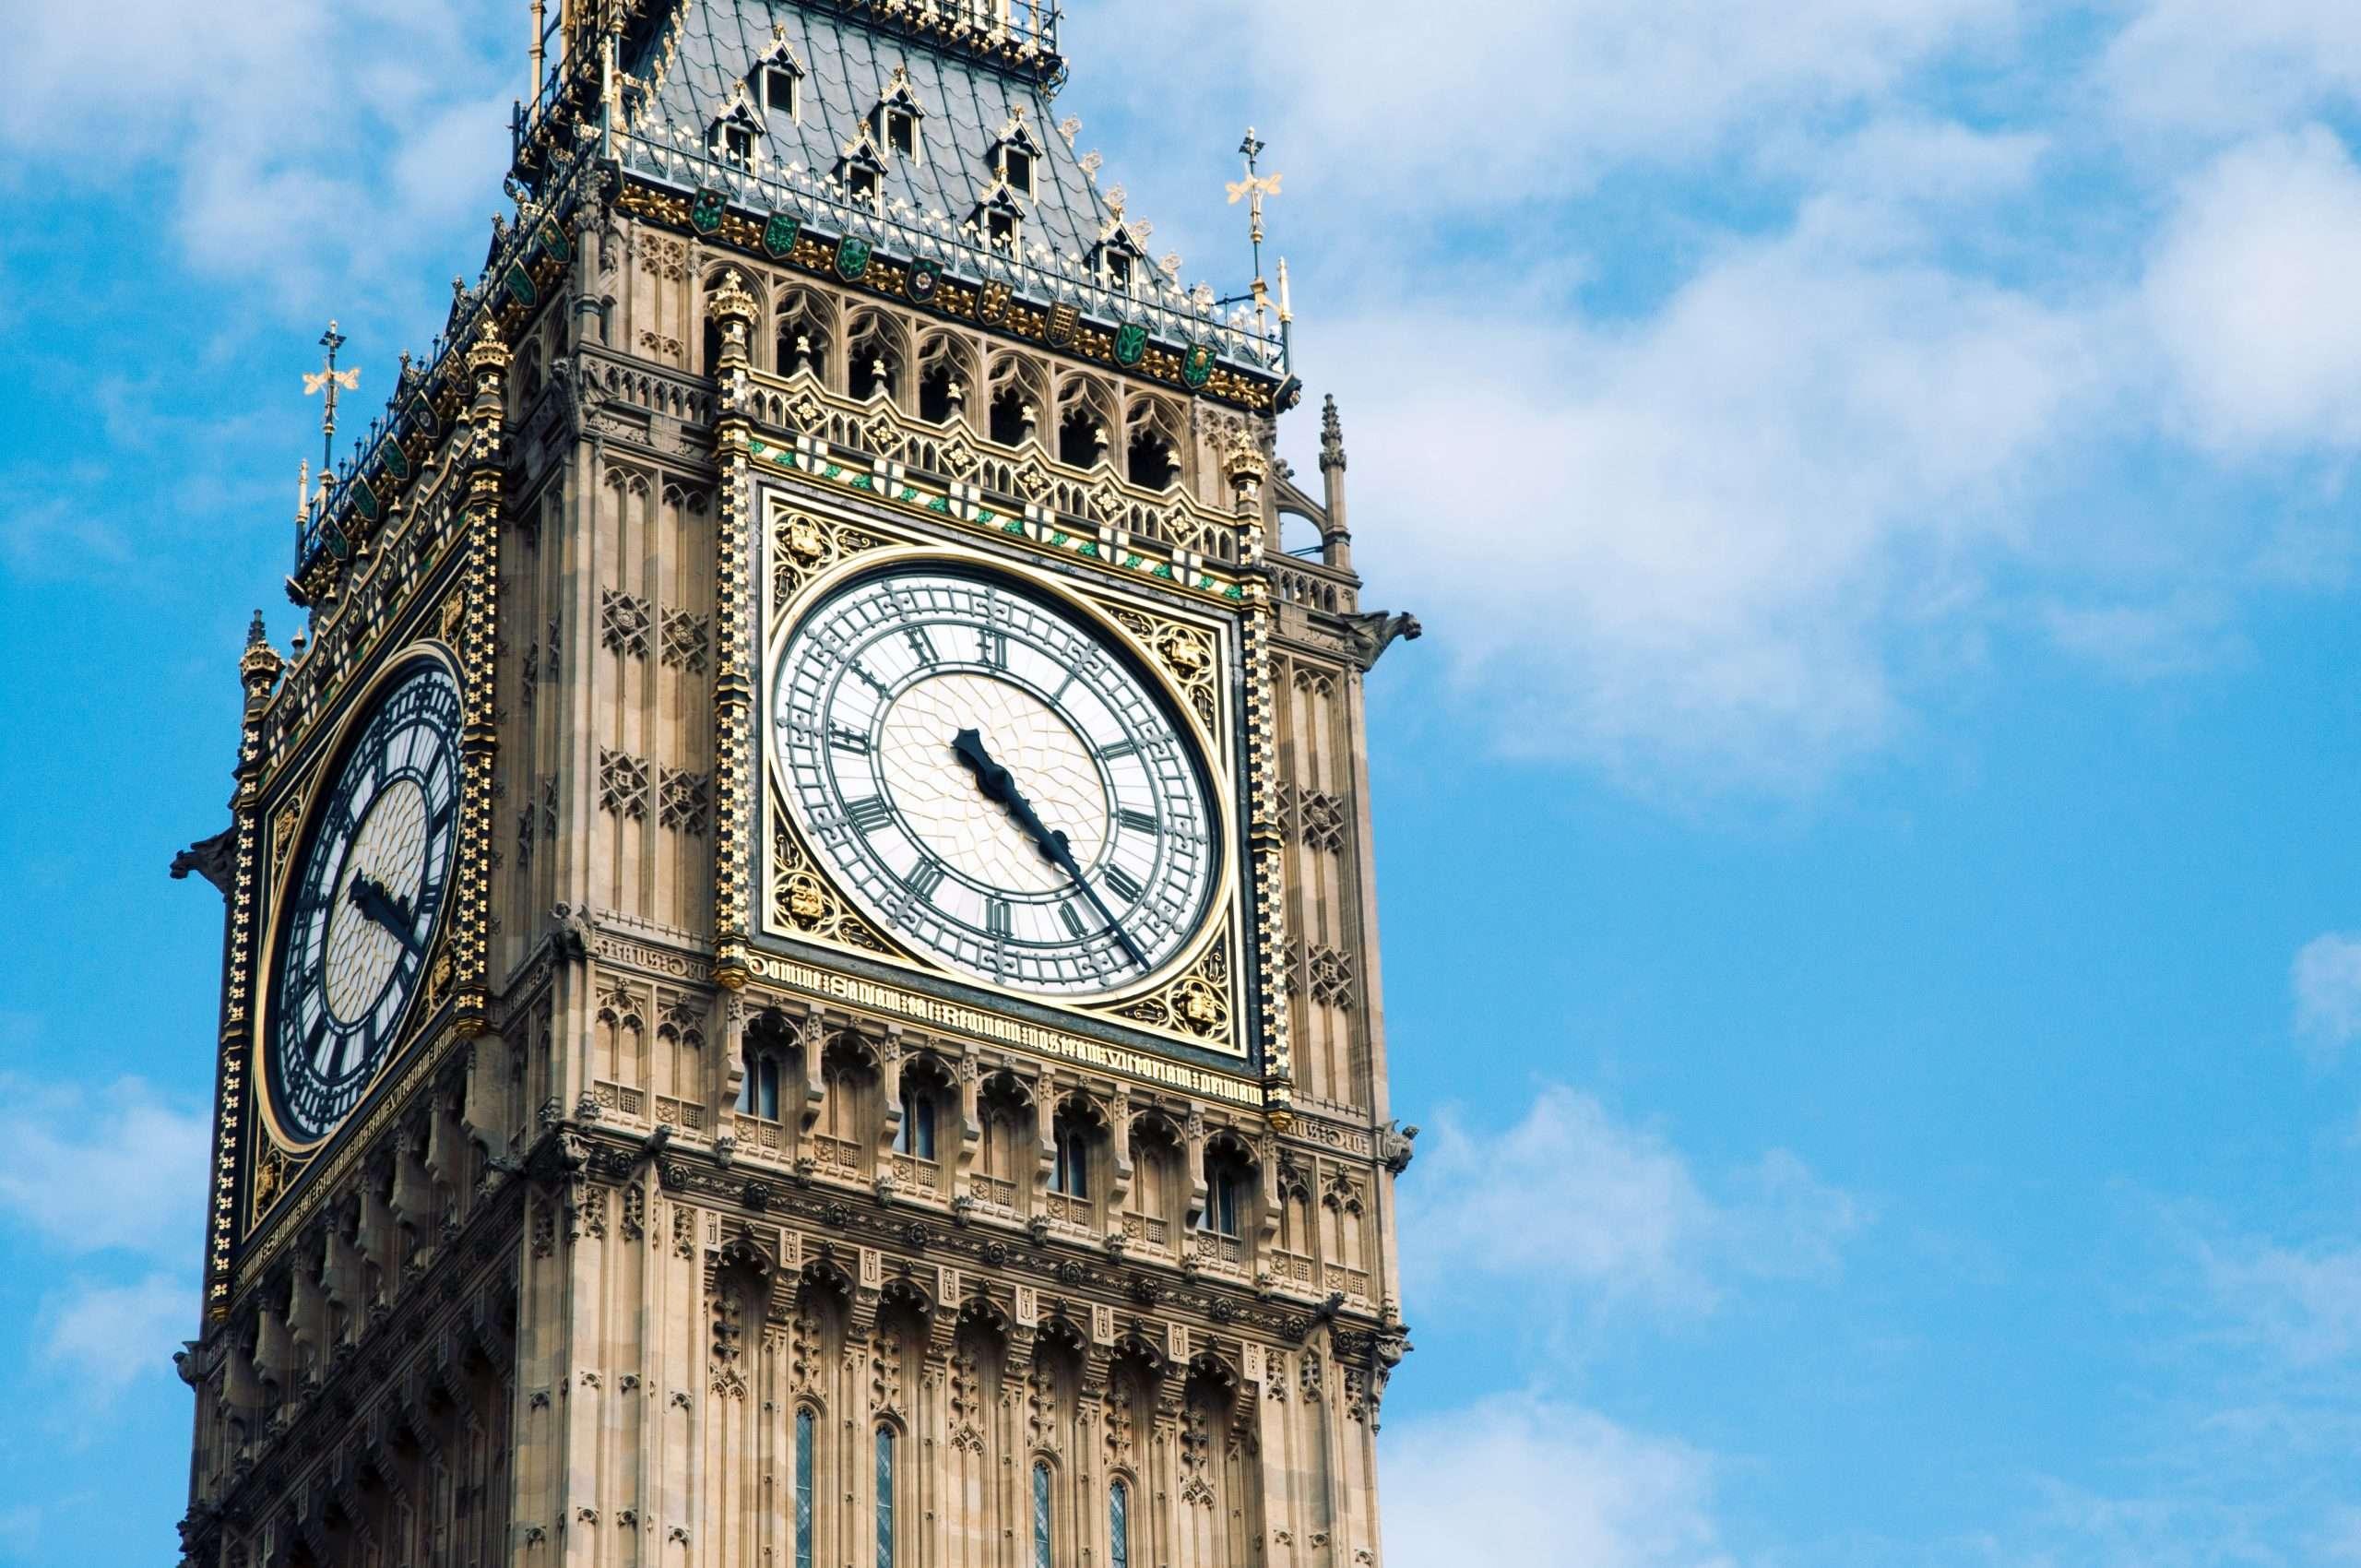 Big Ben Westminster